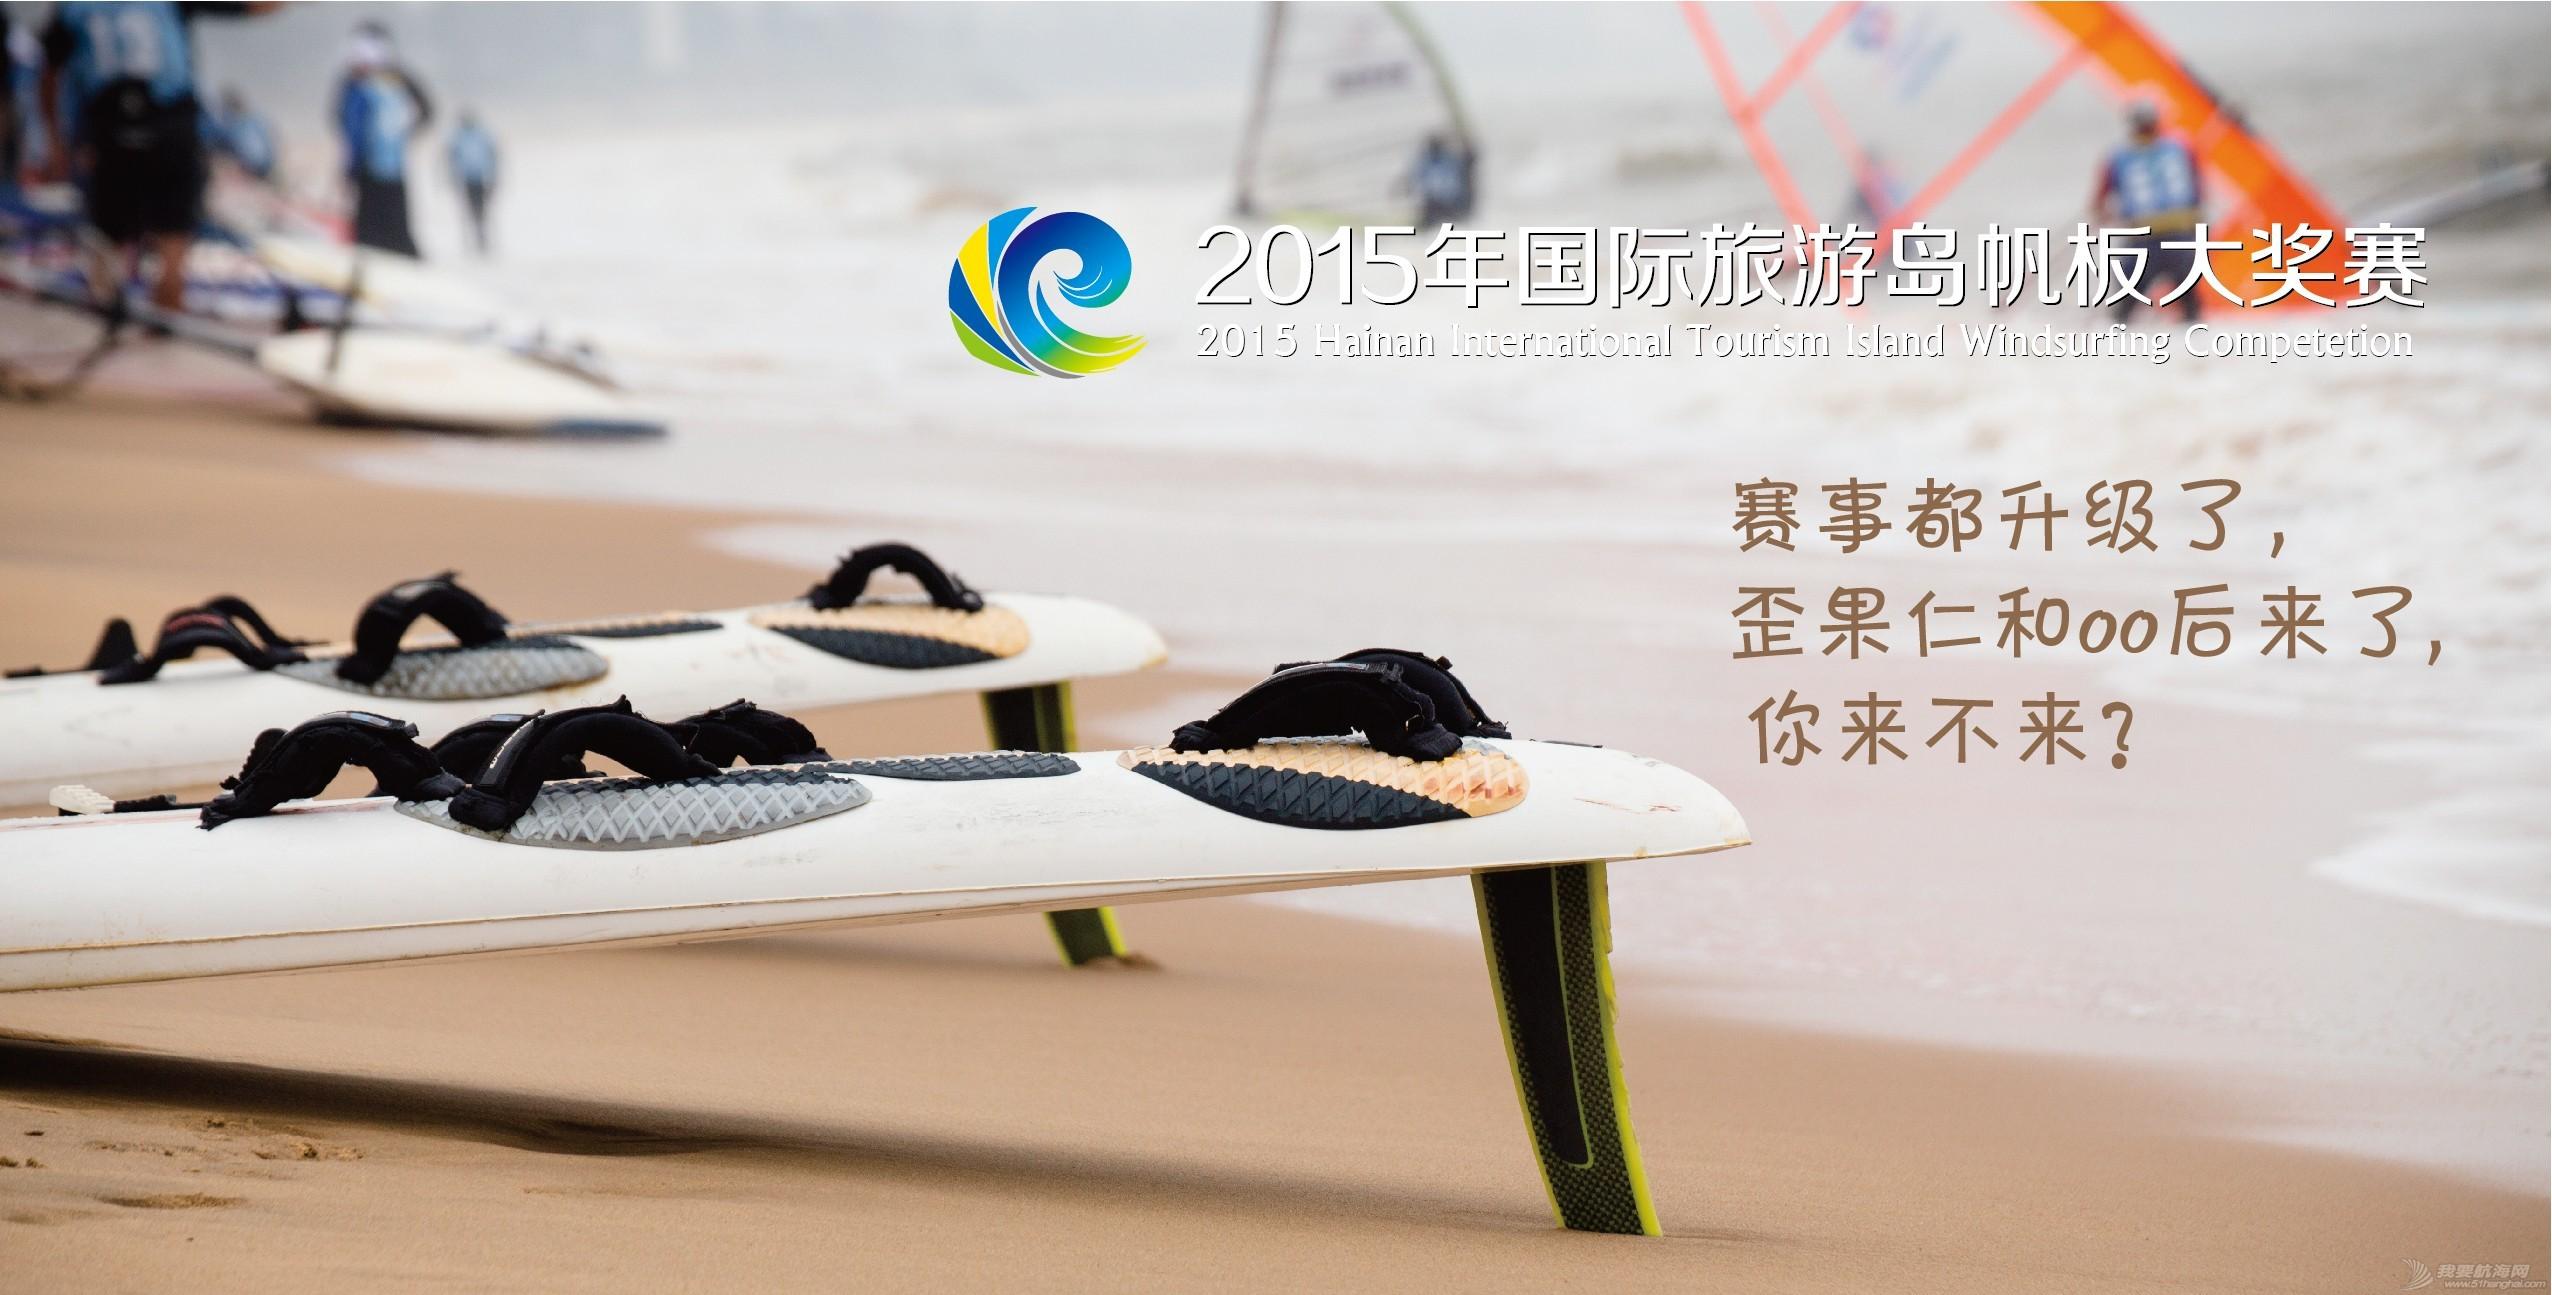 国际旅游岛,联系方式,有限公司,体育运动,假日海滩 国庆长假 国际旅游岛帆板大奖赛邀你好玩 aa267396ae6fa8aa22c397728a69f70b.jpg